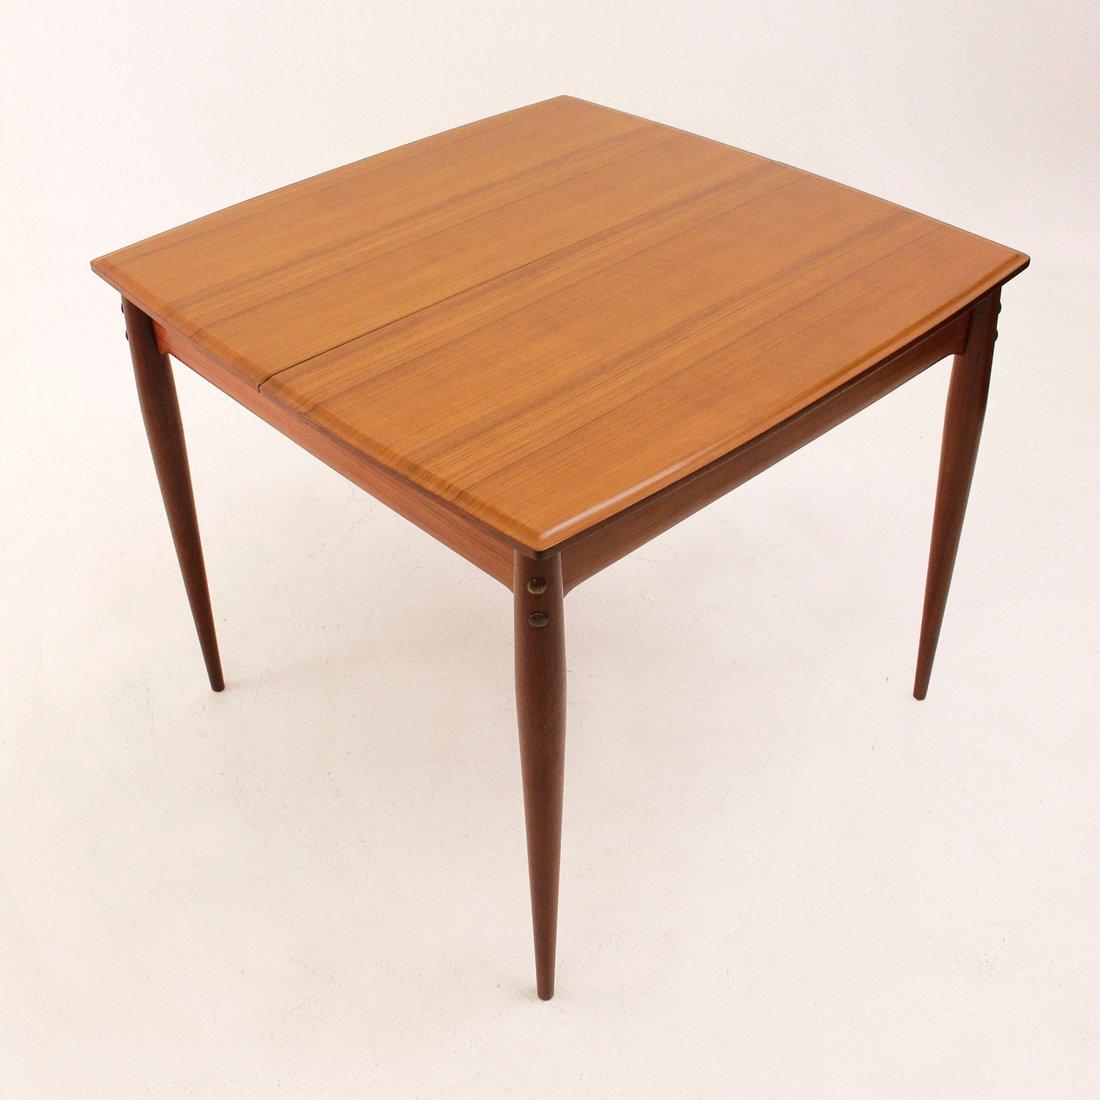 viereckiger ausziehbarer italienischer esstisch 1950er bei pamono kaufen. Black Bedroom Furniture Sets. Home Design Ideas